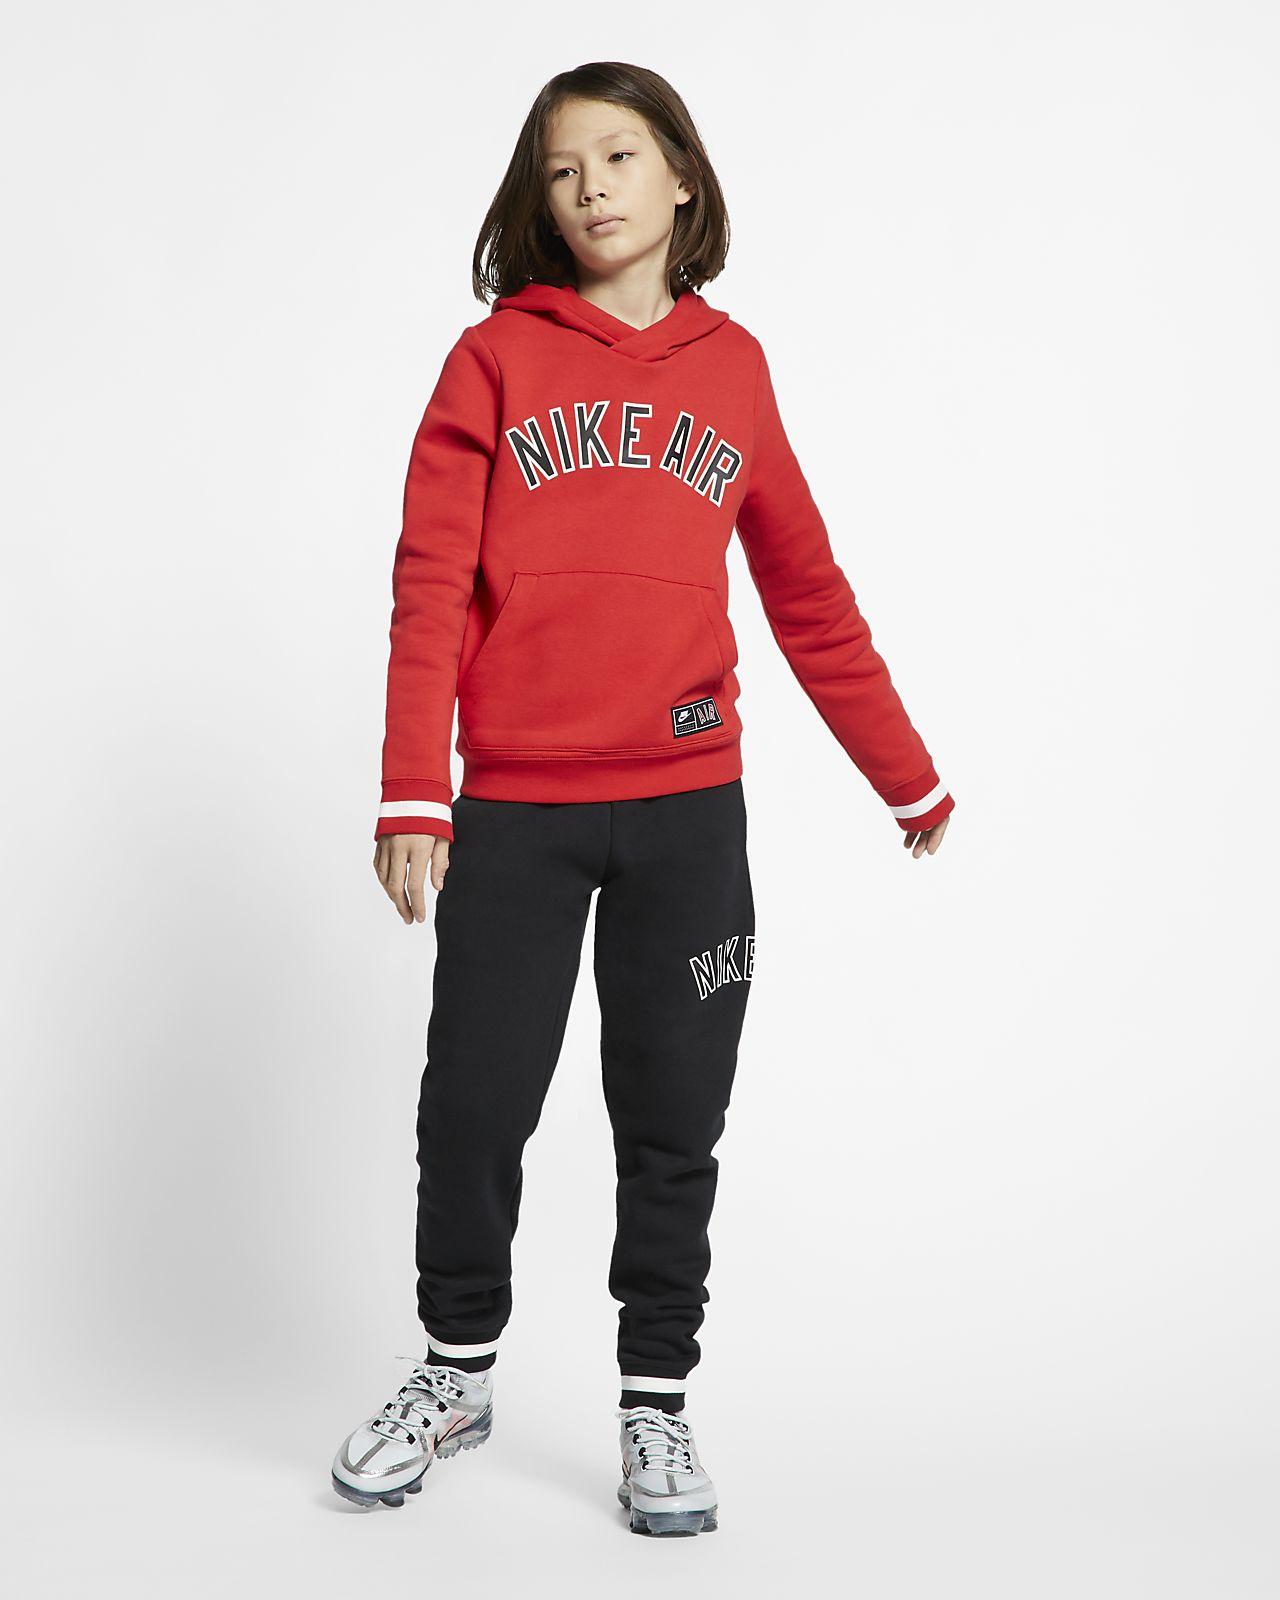 Hættetrøje I Fleece Air Til BørnDk Nike Store Pullover Qhdtsr